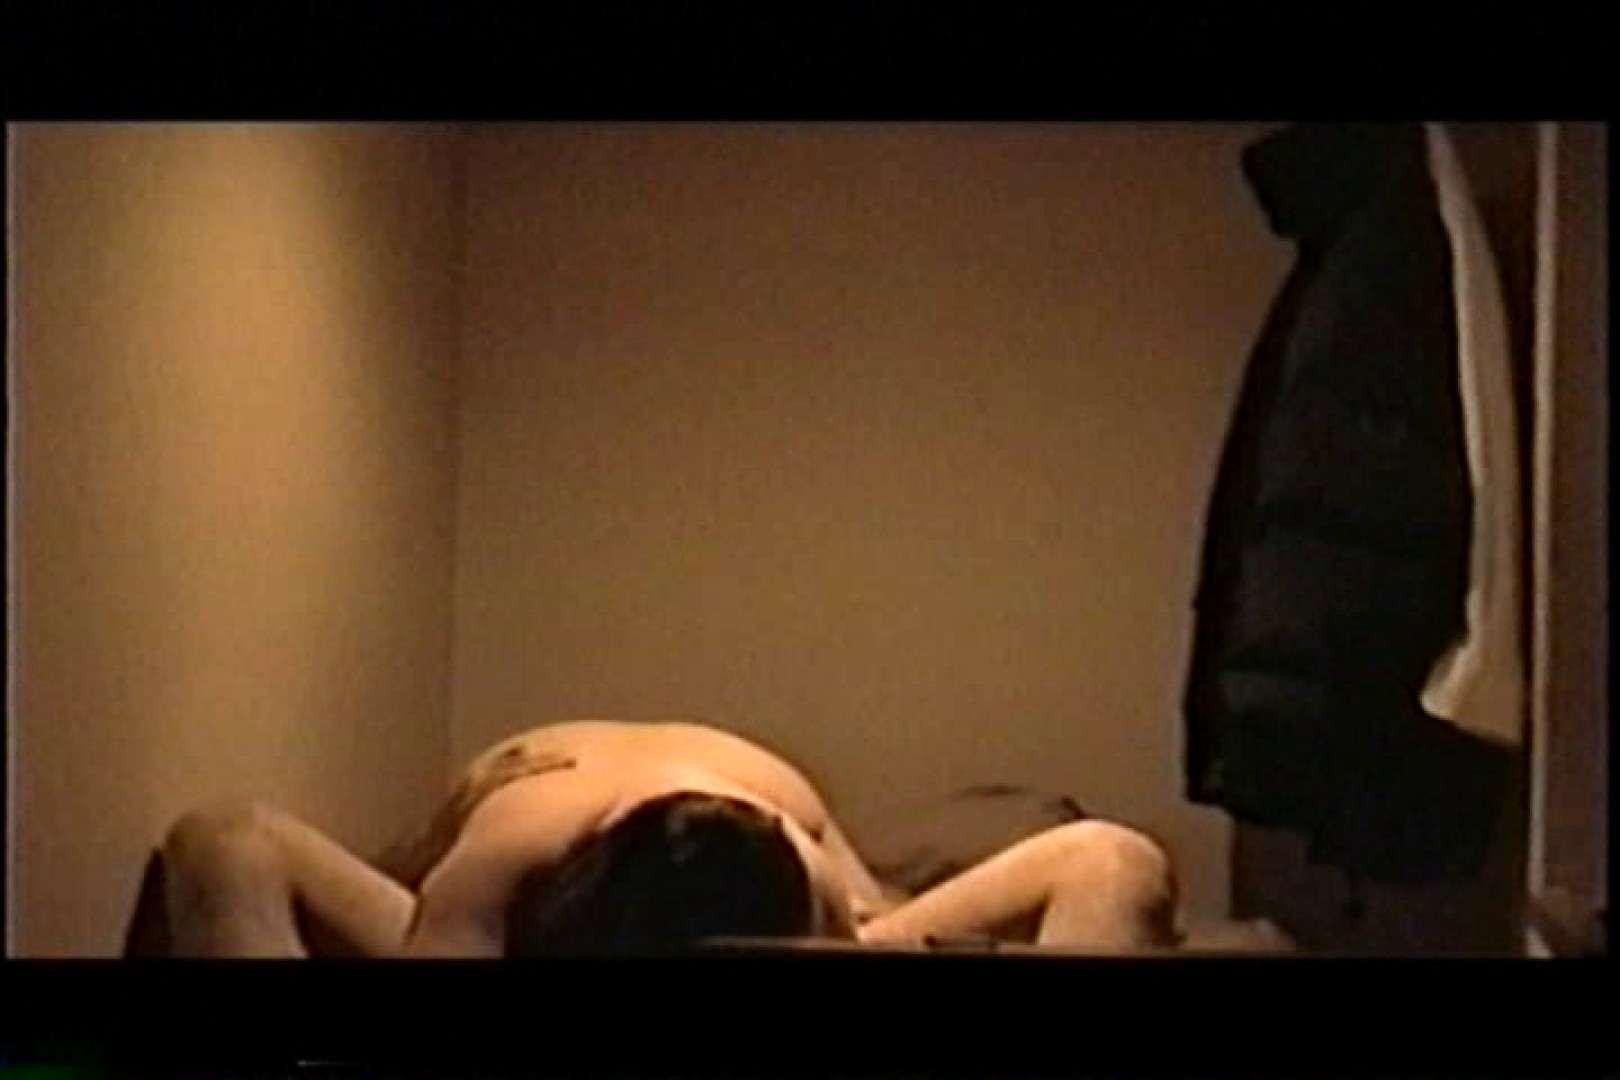 デリ嬢マル秘撮り本物投稿版② オマンコ無修正 SEX無修正画像 95pic 41